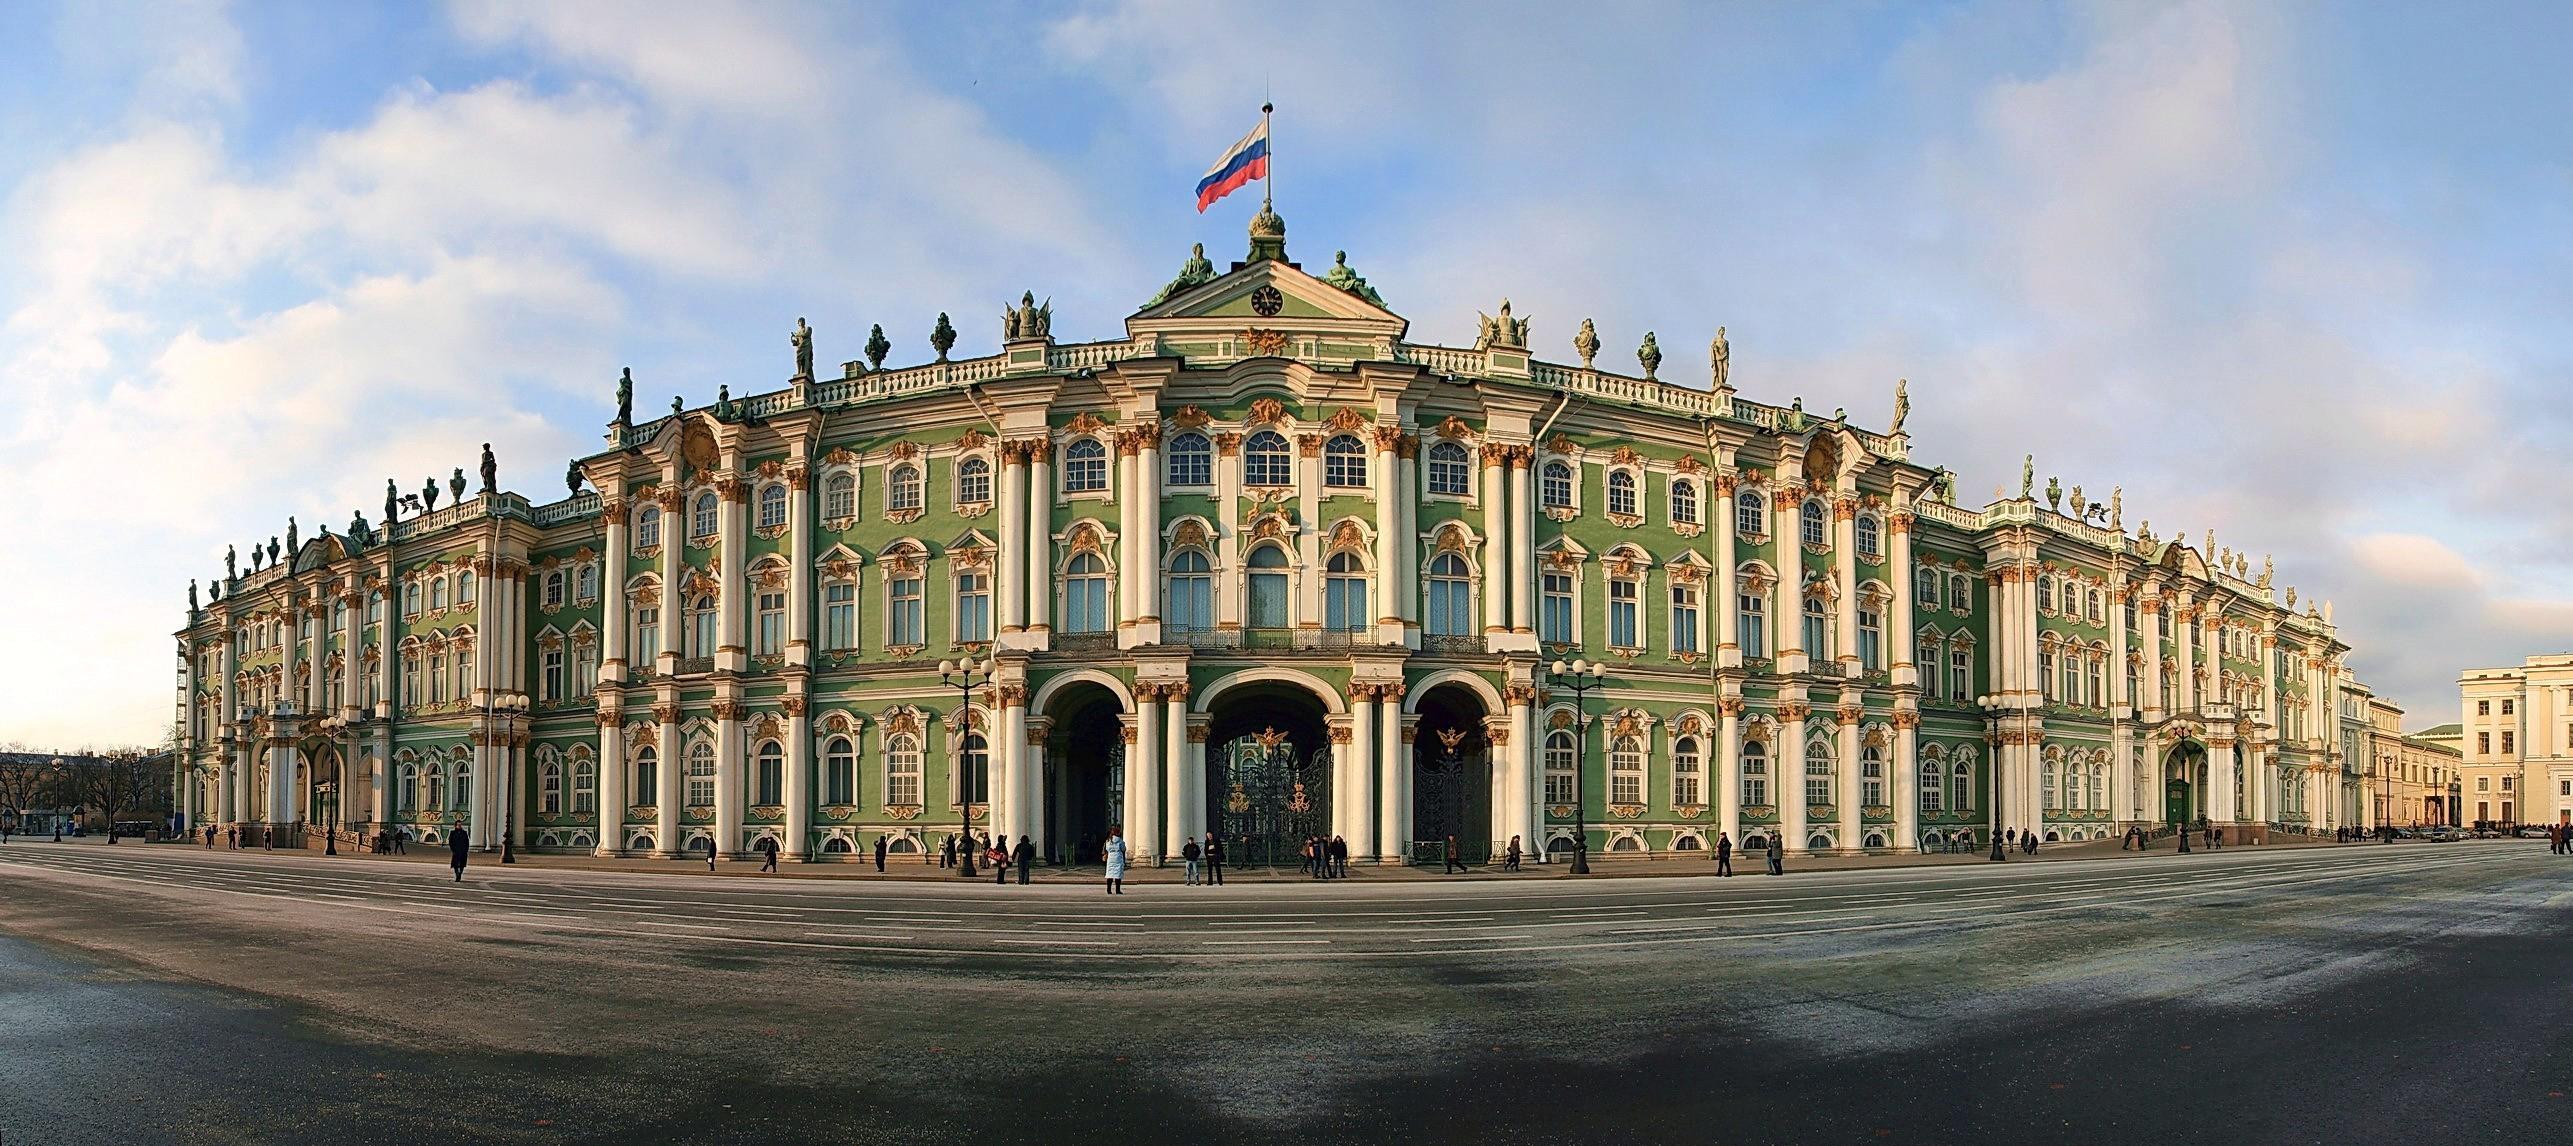 برترین جاذبه های گردشگری سنت پترزبورگ